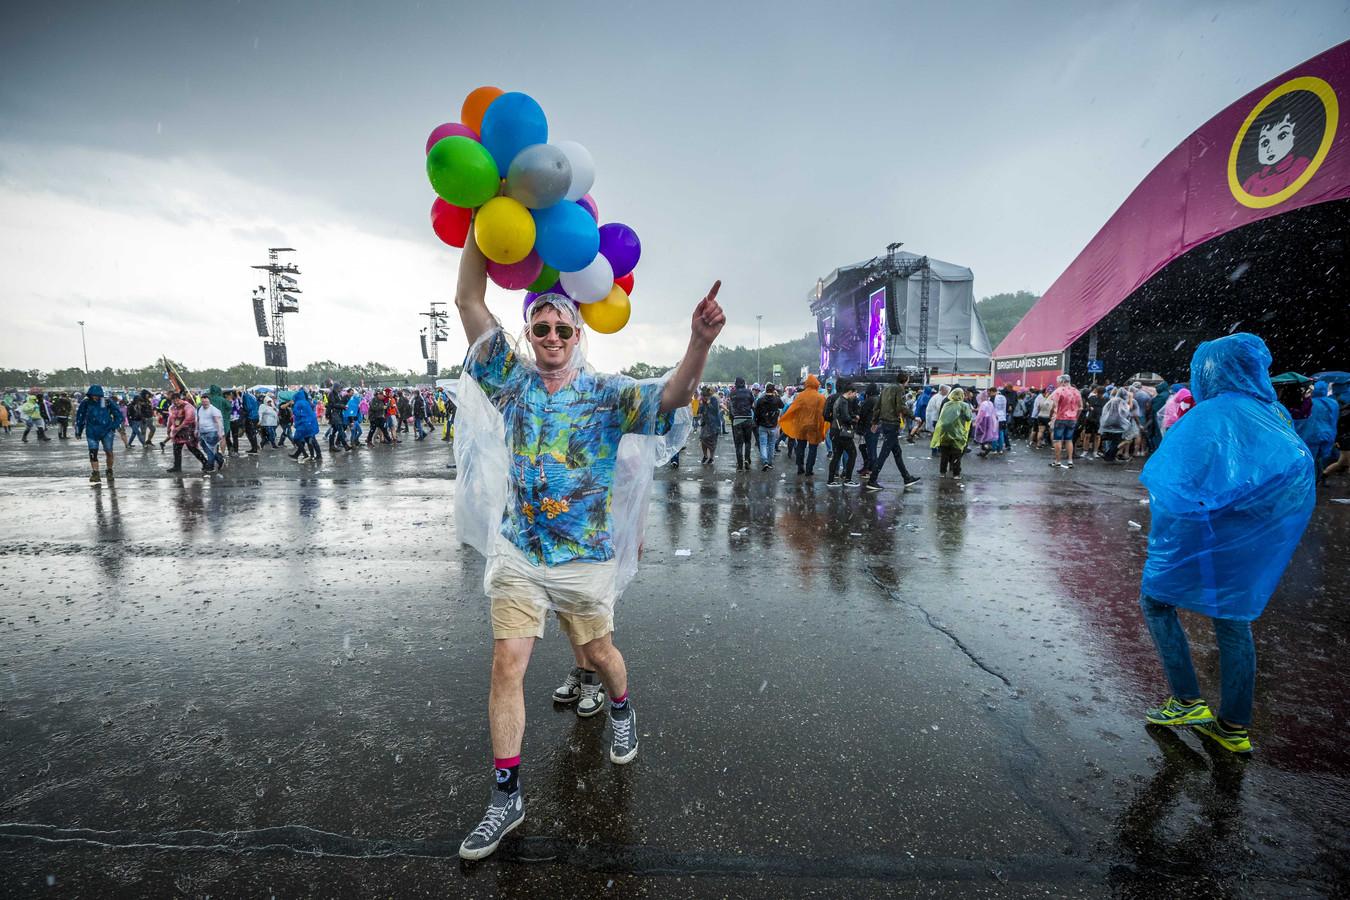 Festivalgangers tijdens een regenbui op de laatste dag van het muziekfestival Pinkpop.